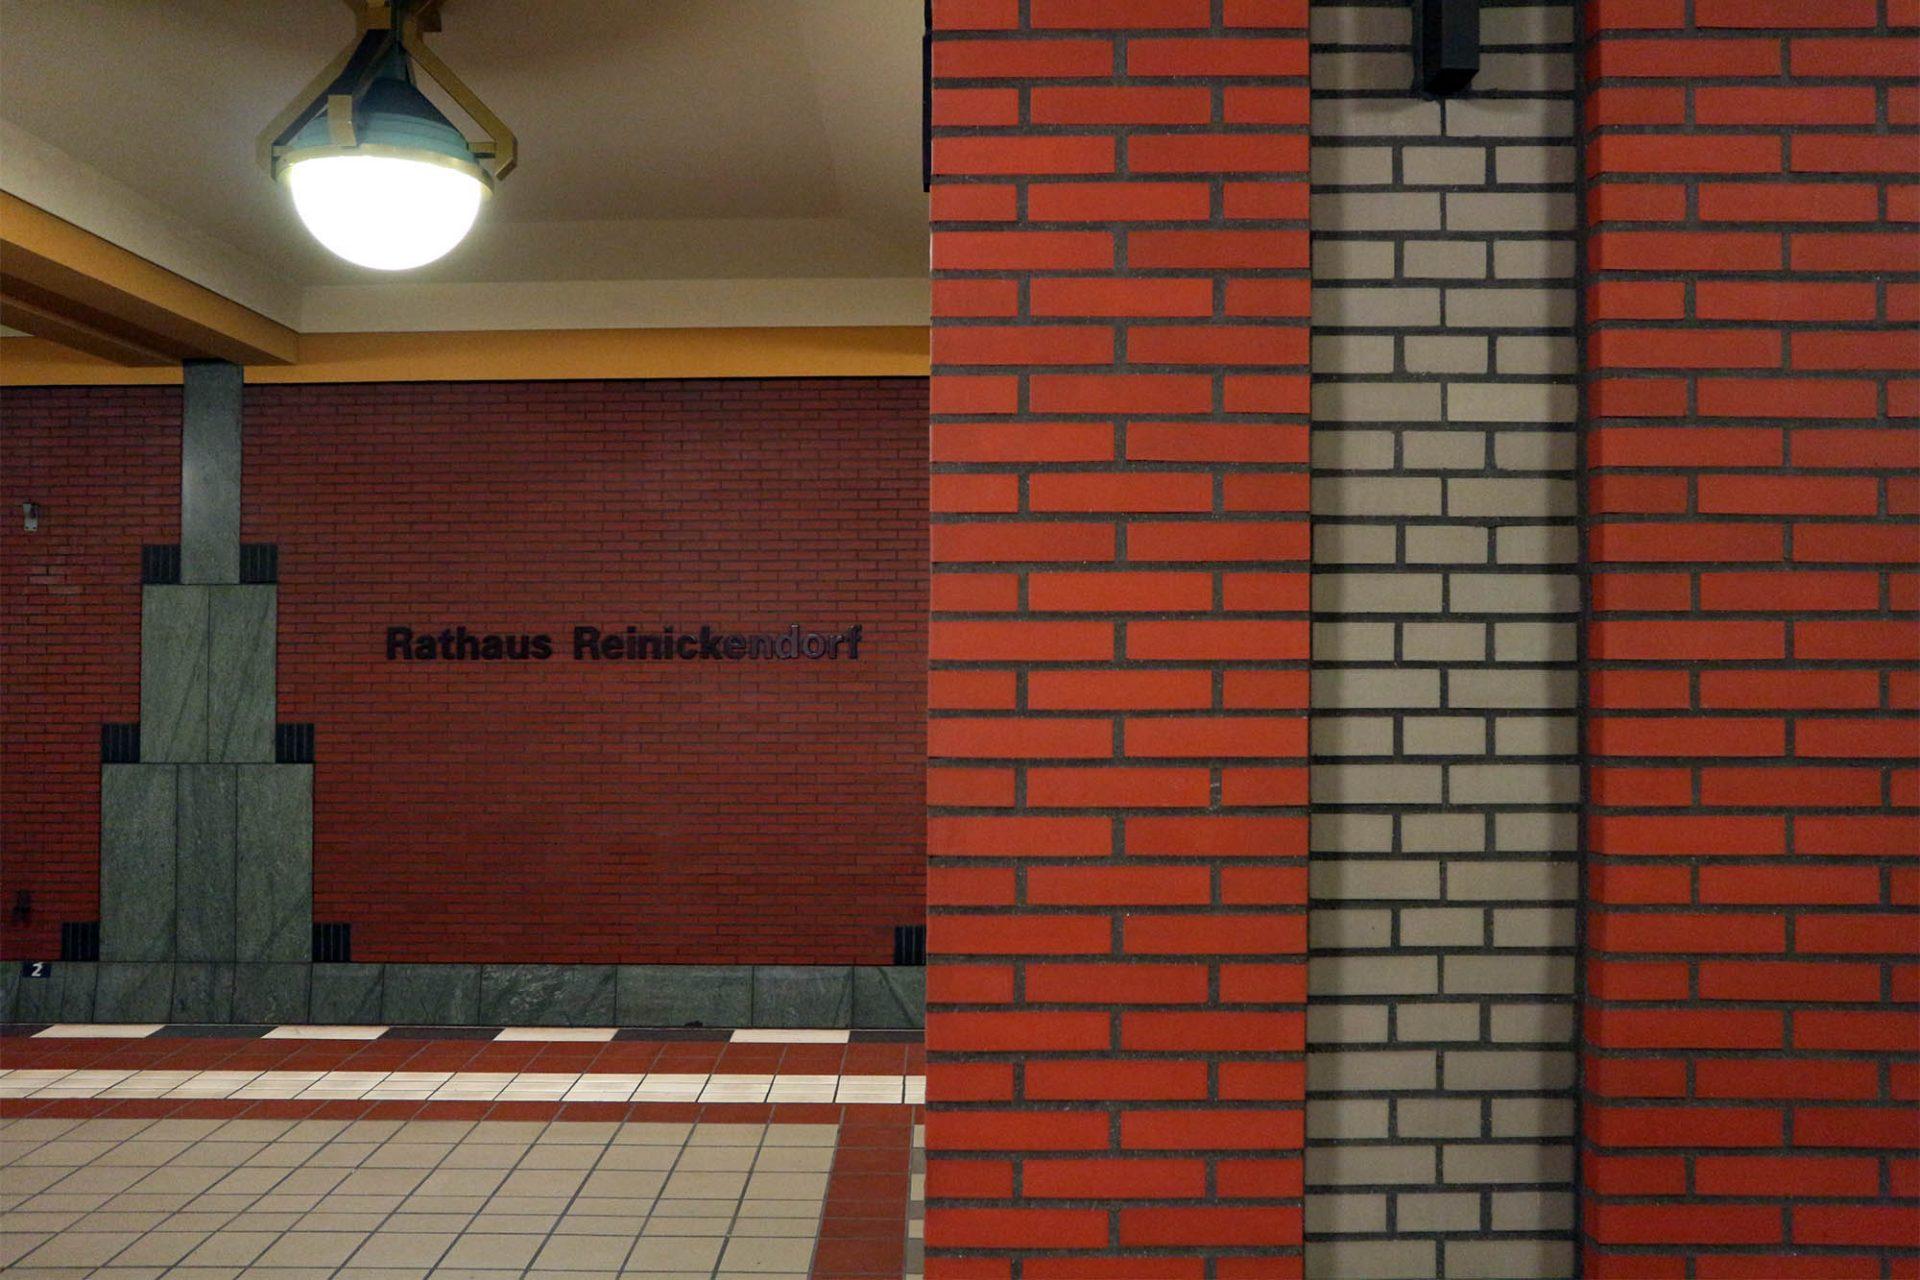 Reinickendorf. Im Innenraum kommen grauer Naturstein und roter Klinker zum Einsatz.